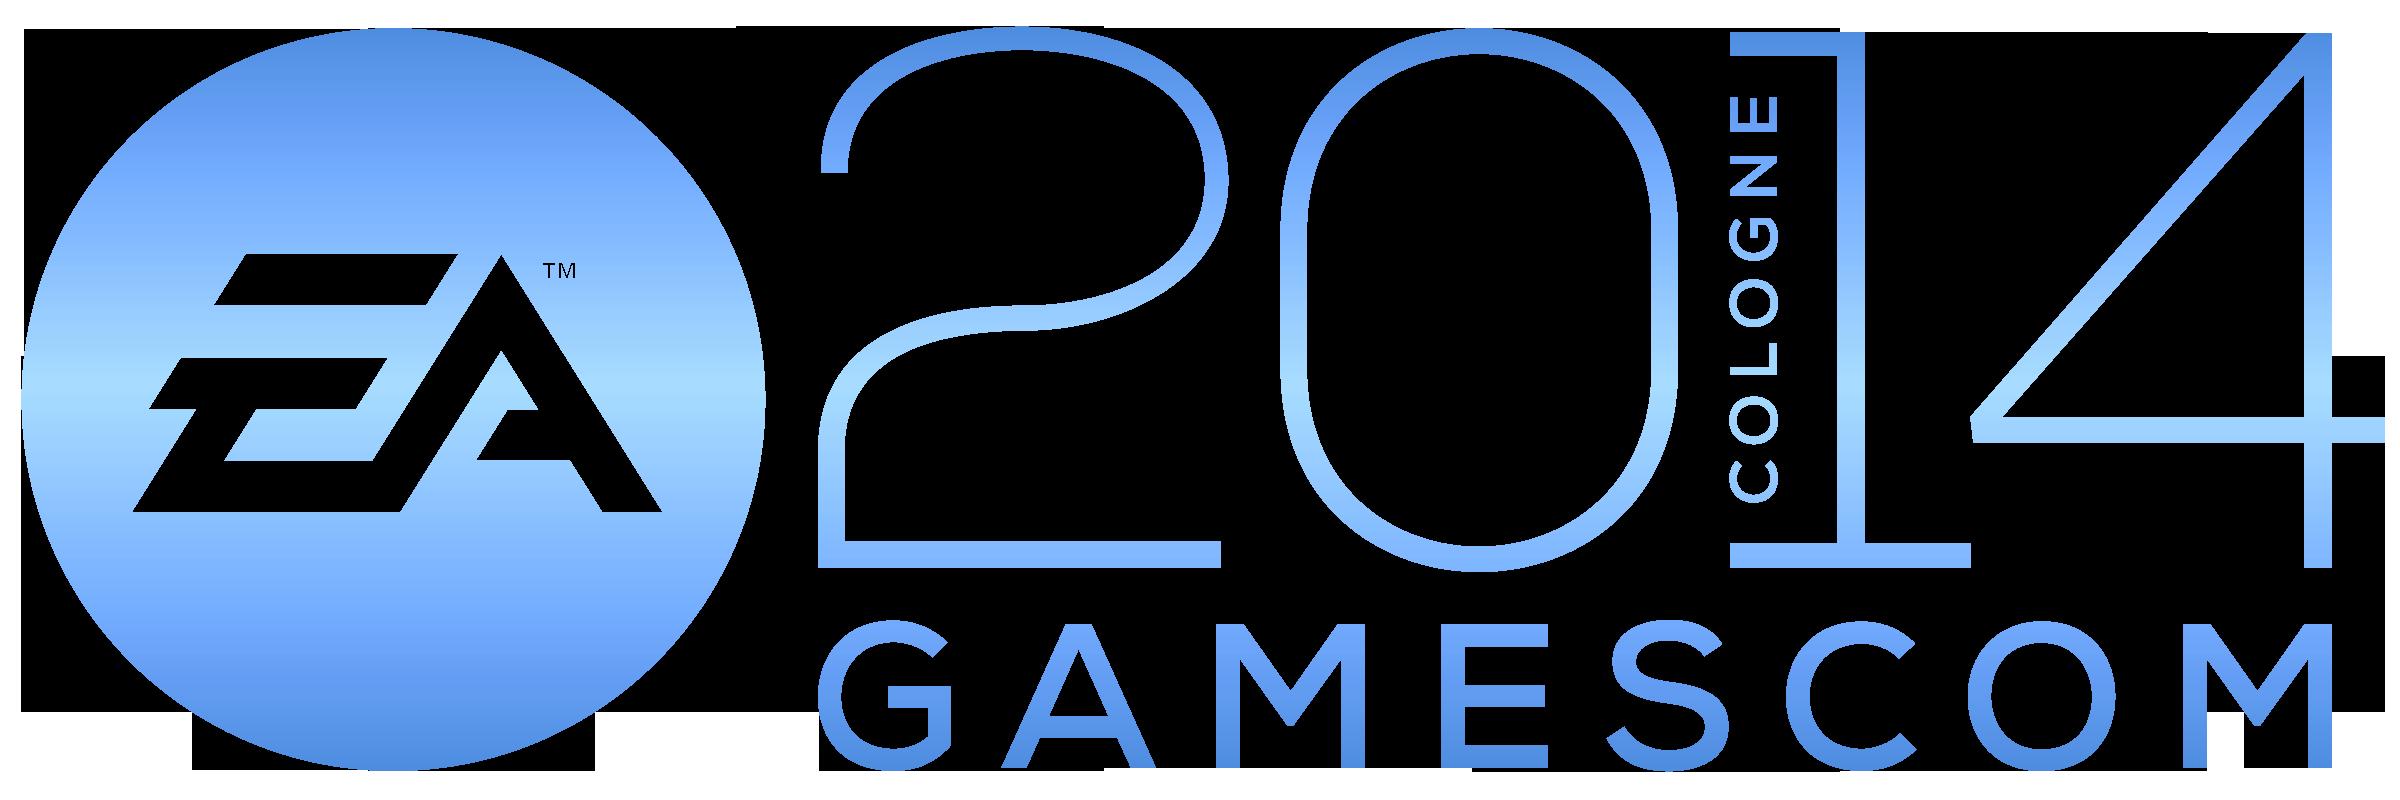 Итак, чего вы ждете от EA?   #gamescom2014  - Изображение 1